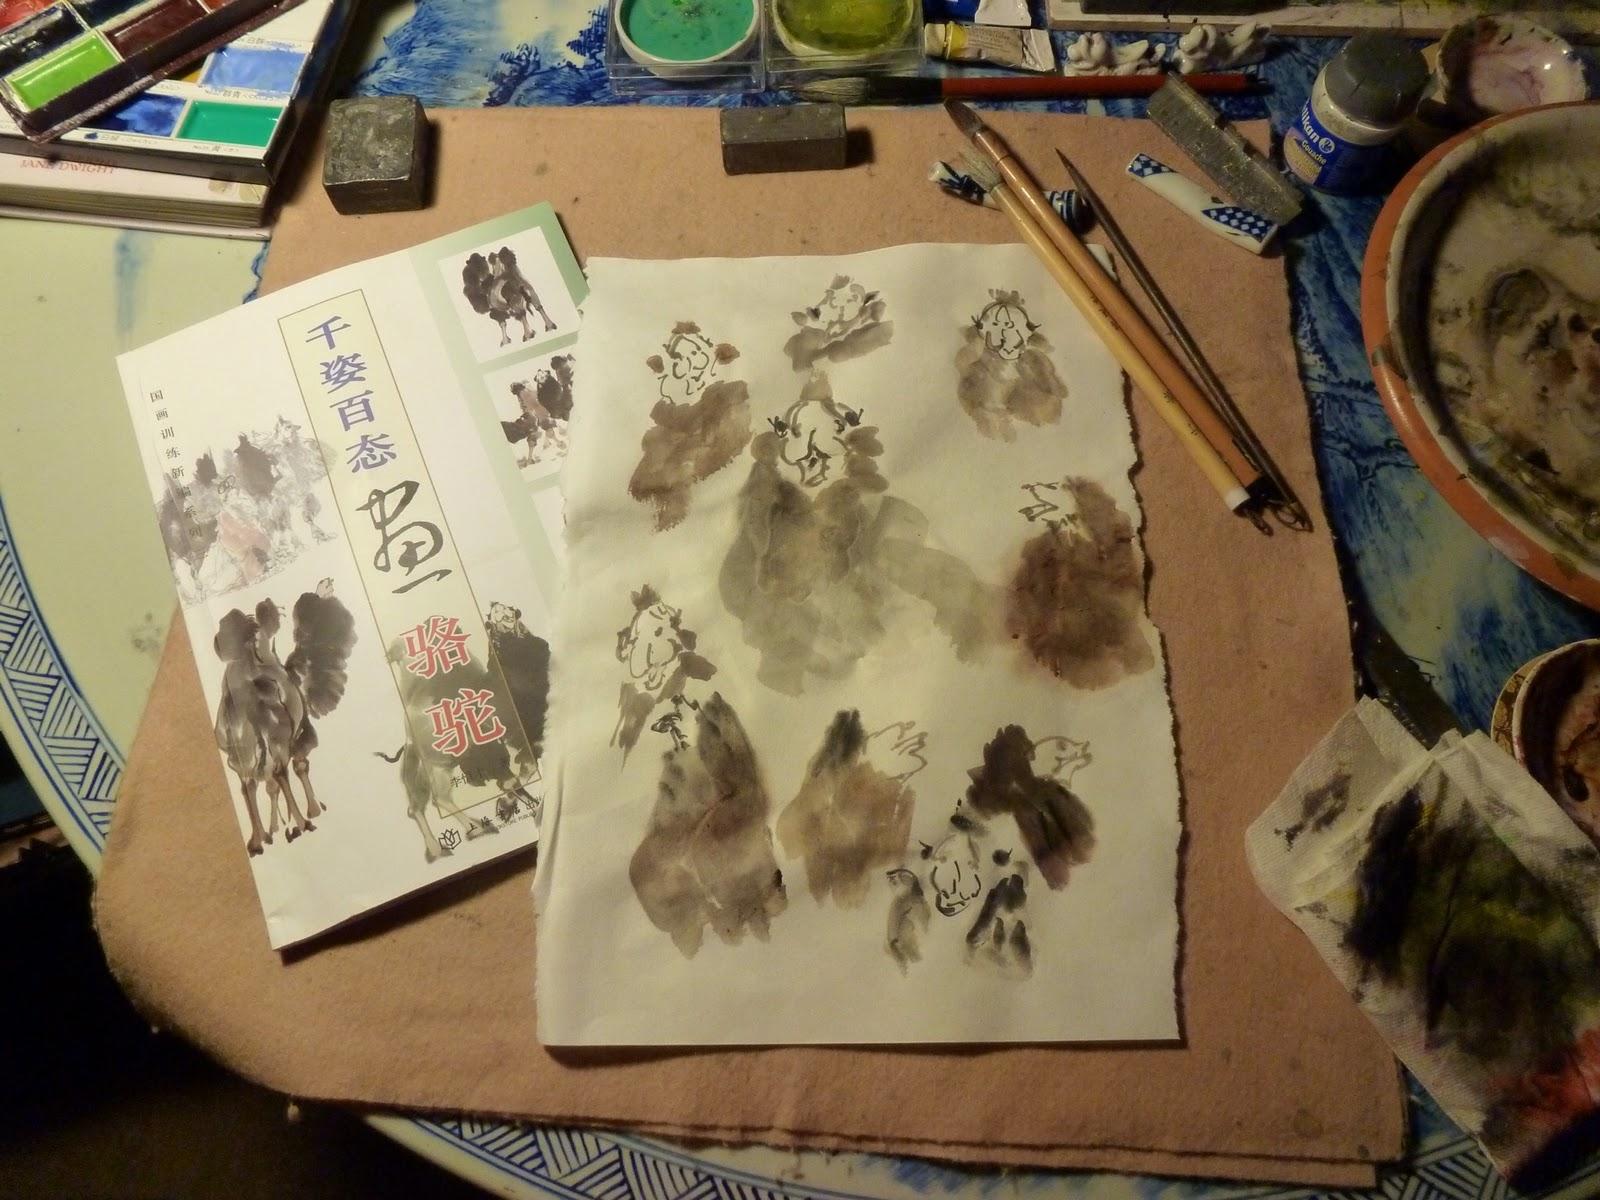 http://3.bp.blogspot.com/-qWYih-e63CM/TqOkm4DRyII/AAAAAAAABR0/3T7_t096J2s/s1600/photo.JPG